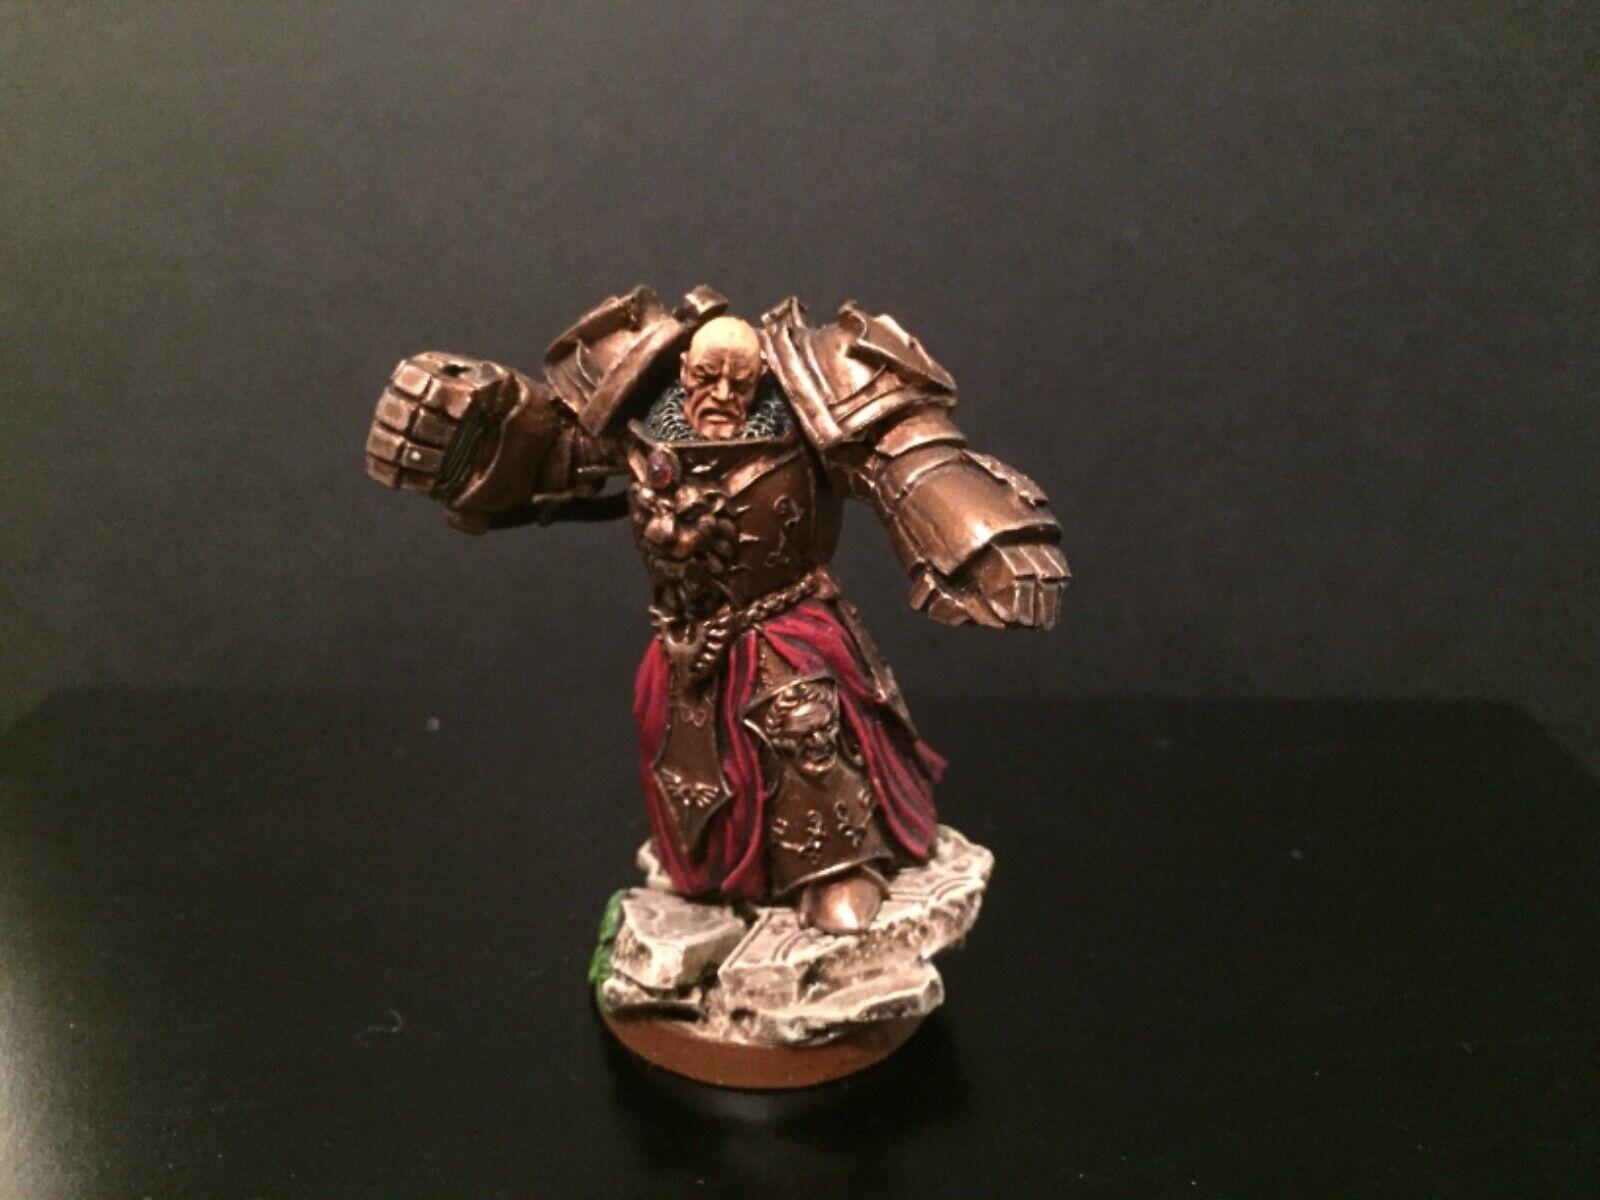 Adeptus custodes captain general scibor scibor scibor ba3